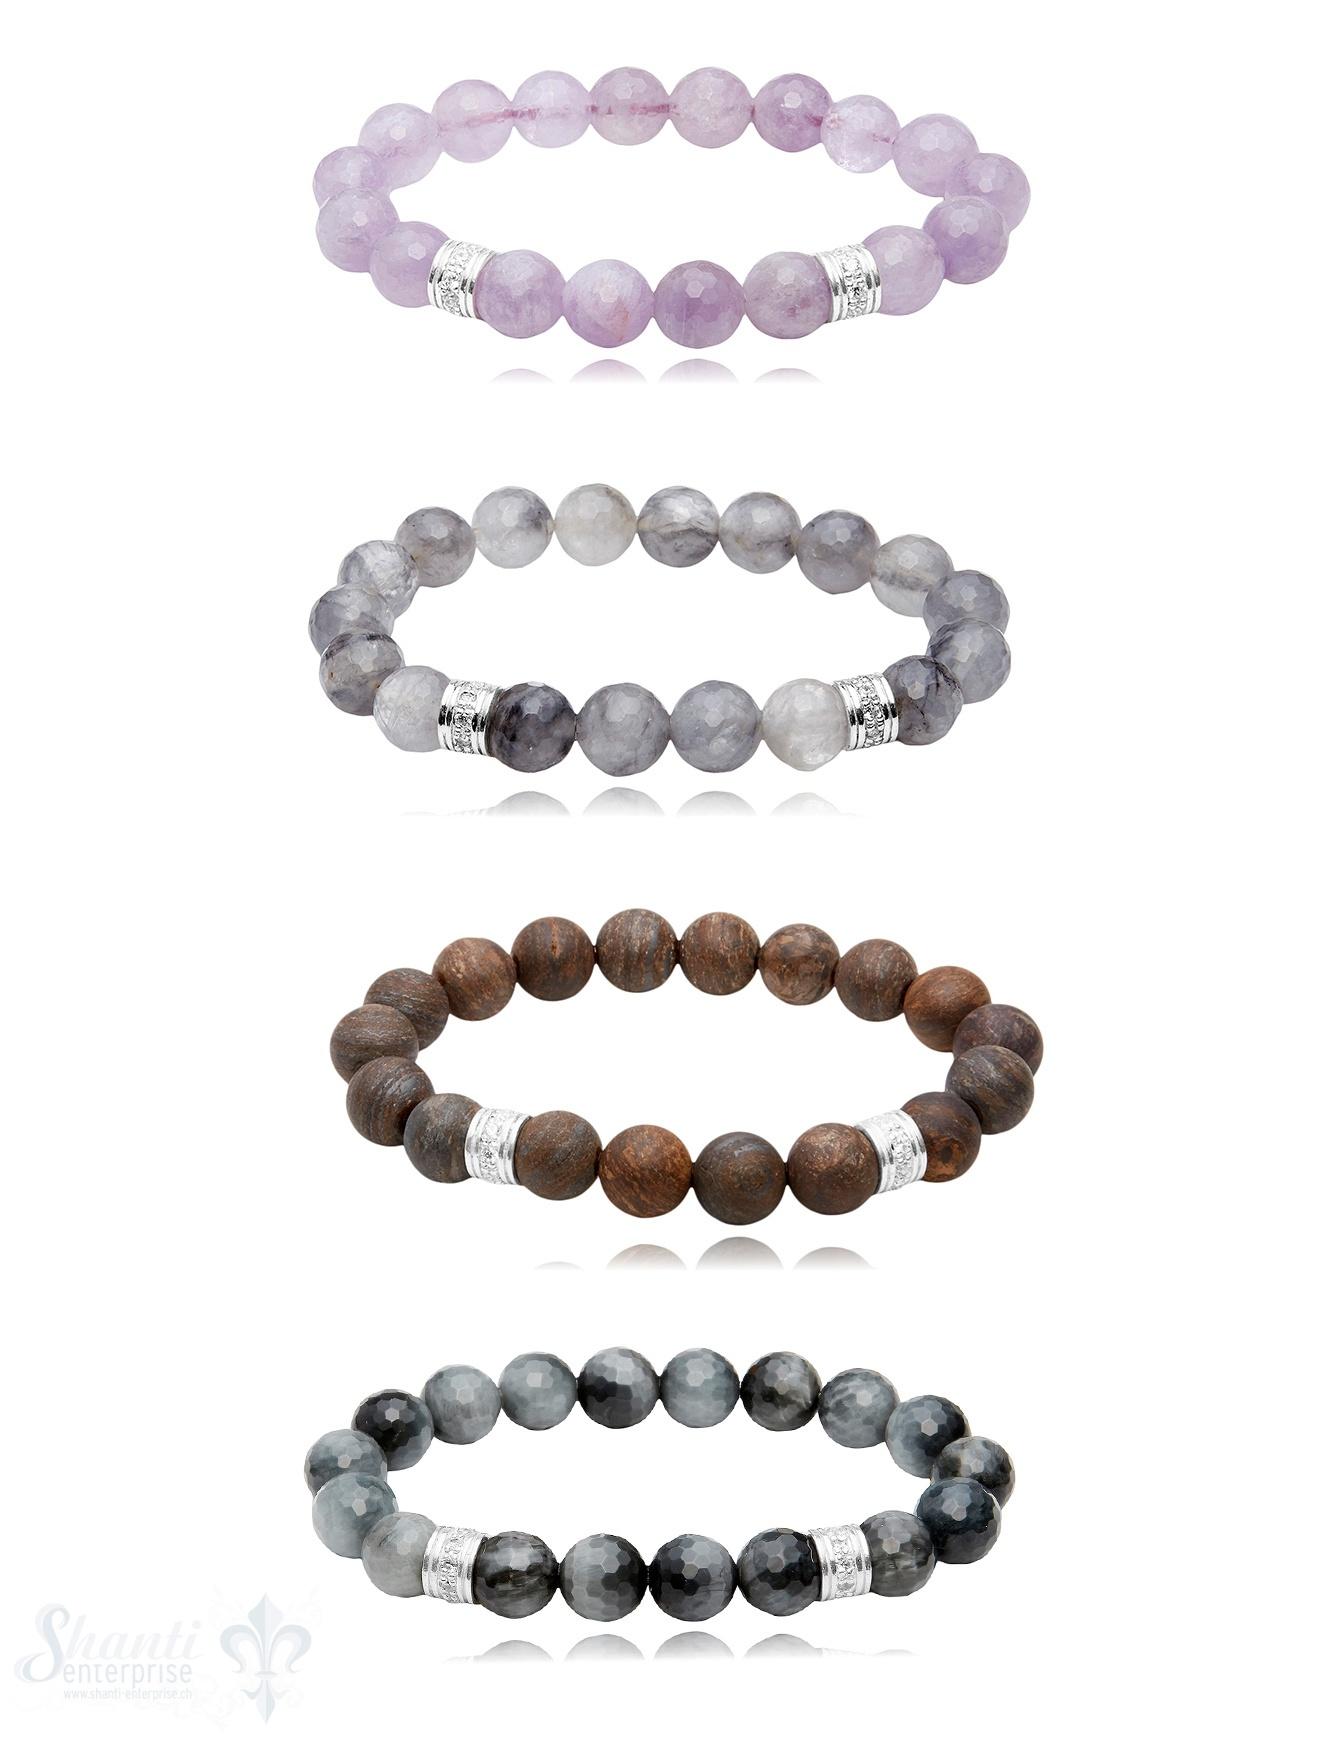 10 mm Edelstein Armbänder mit Zirkonia Silberteile auf Elastik